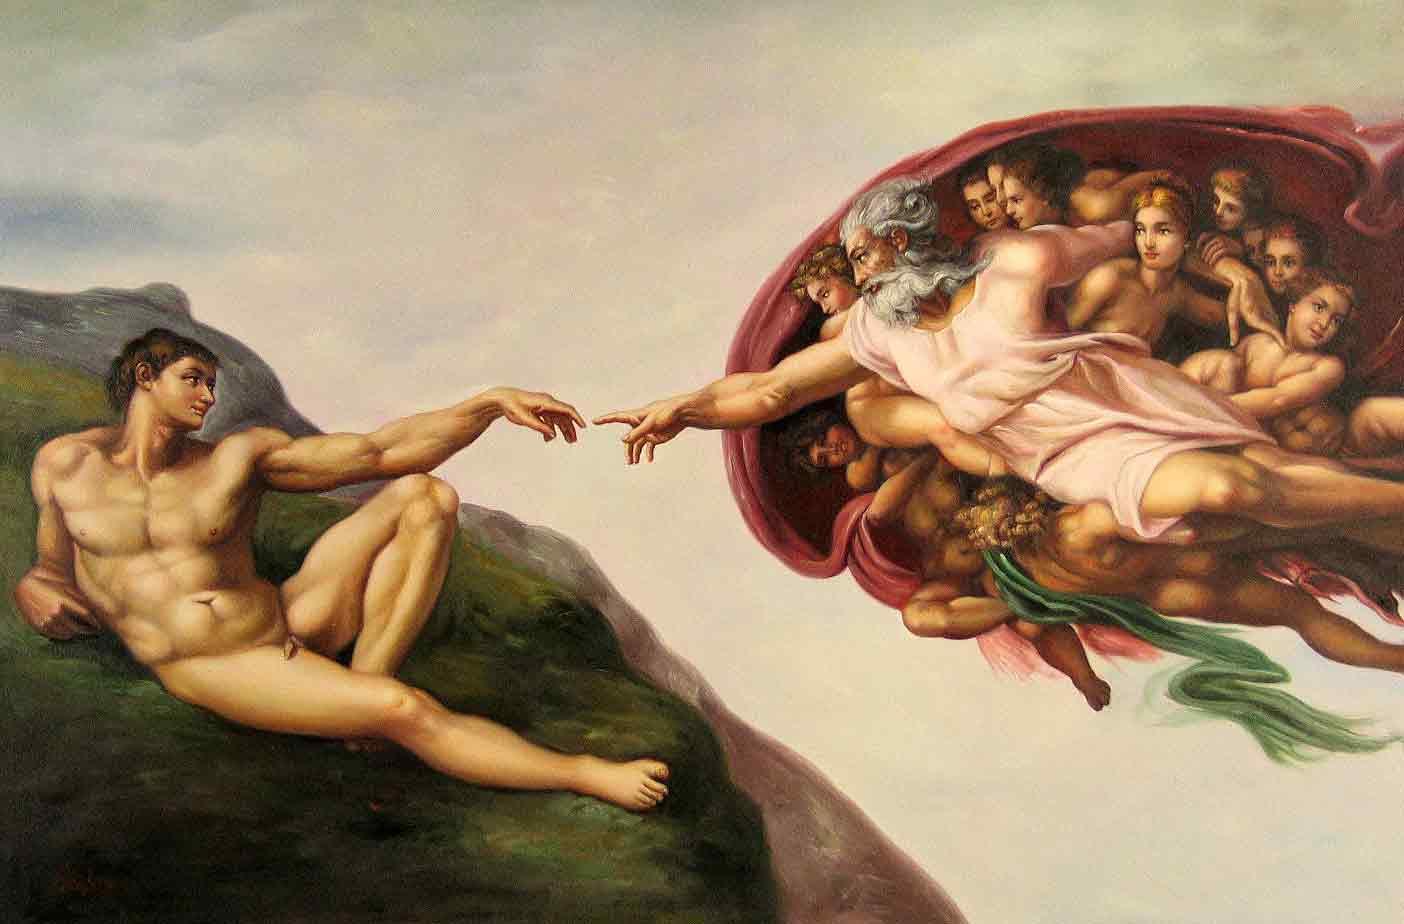 Mostra di Michelangelo a Roma: ai Musei Capitolini sulle tracce del maestro